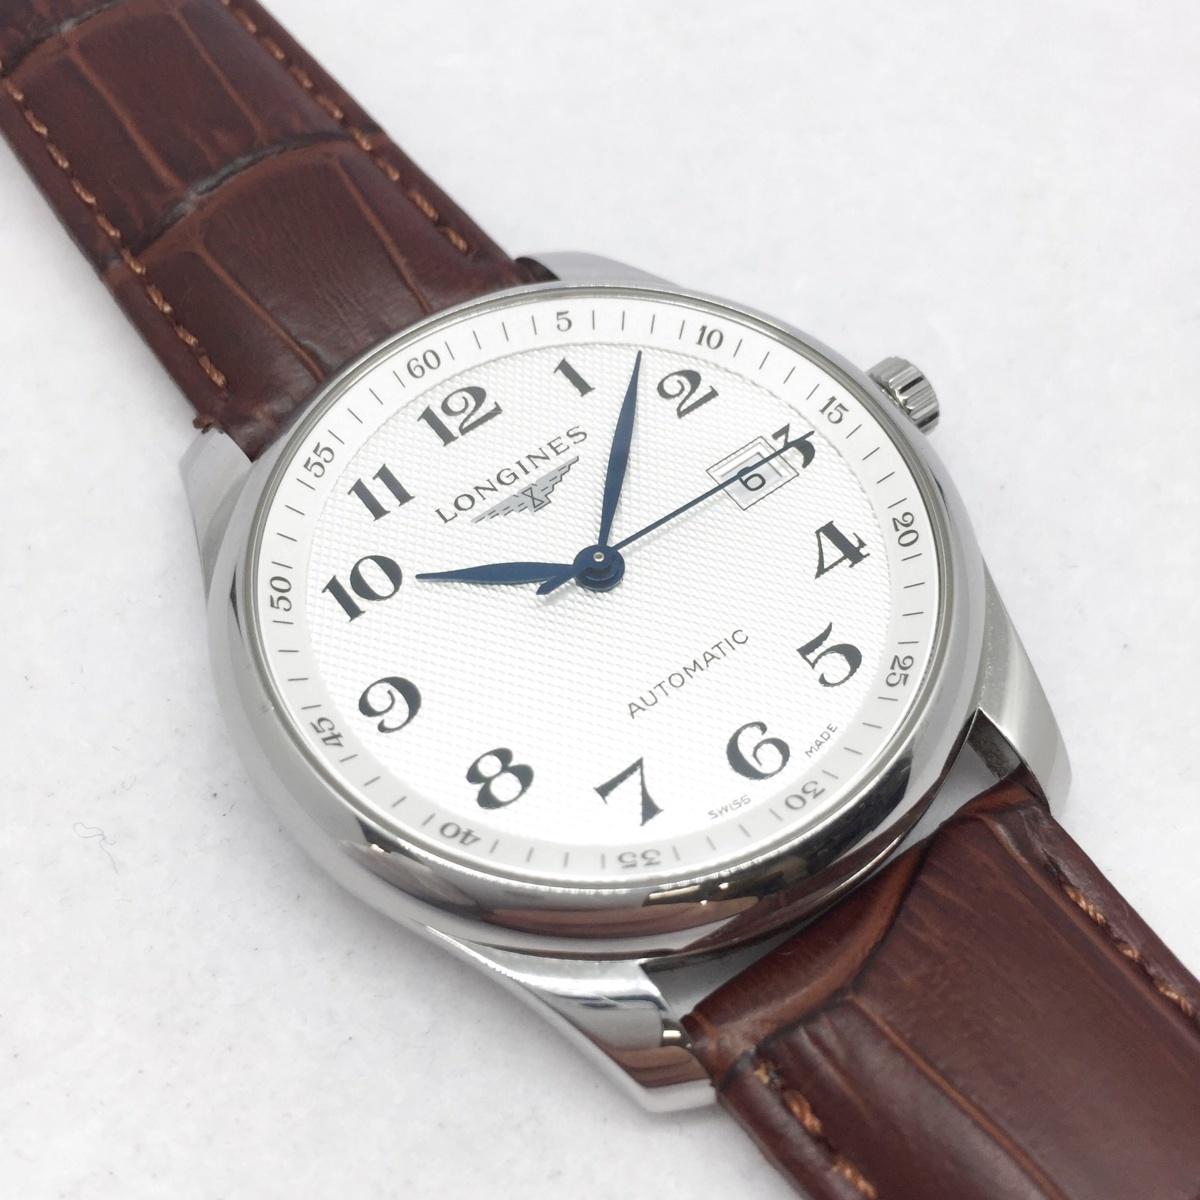 9-3525 【美品・新品社外ベルト】 ロンジン 腕時計 マスターコレクション L2.793.4.78.3 自動巻き デイト メンズ 純正革ベルト付属_画像1